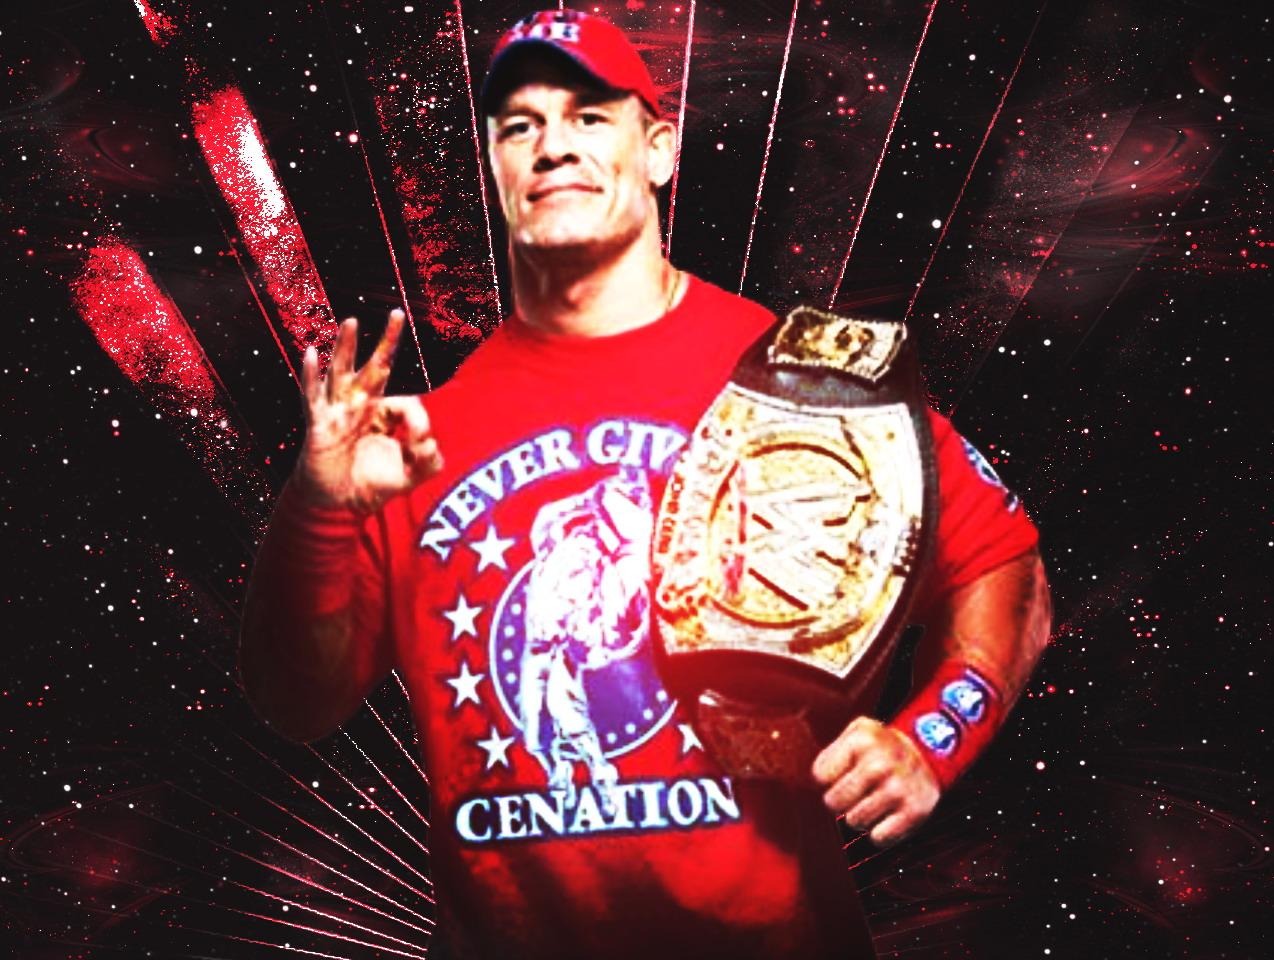 Wwe John Cena Wallpaper 2009 Wallpapersafari